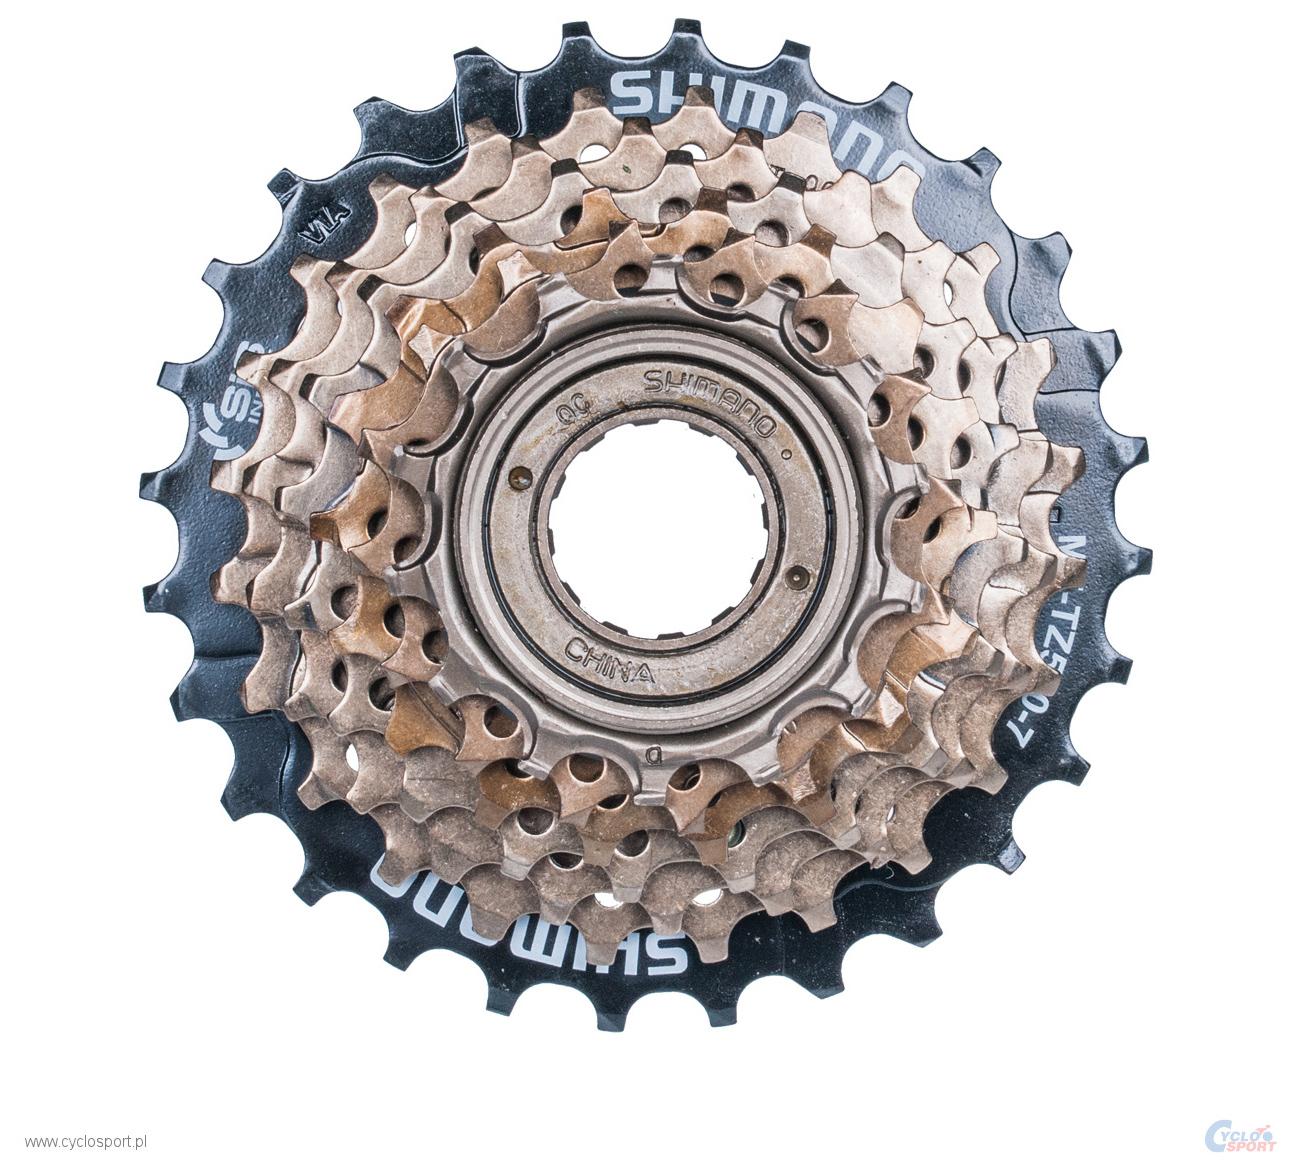 Запчасть Shimano TZ500, 7ск, 14-28 (AMFTZ5007428) запчасть shimano tourney ft35 a 6 7ск крепление на петух